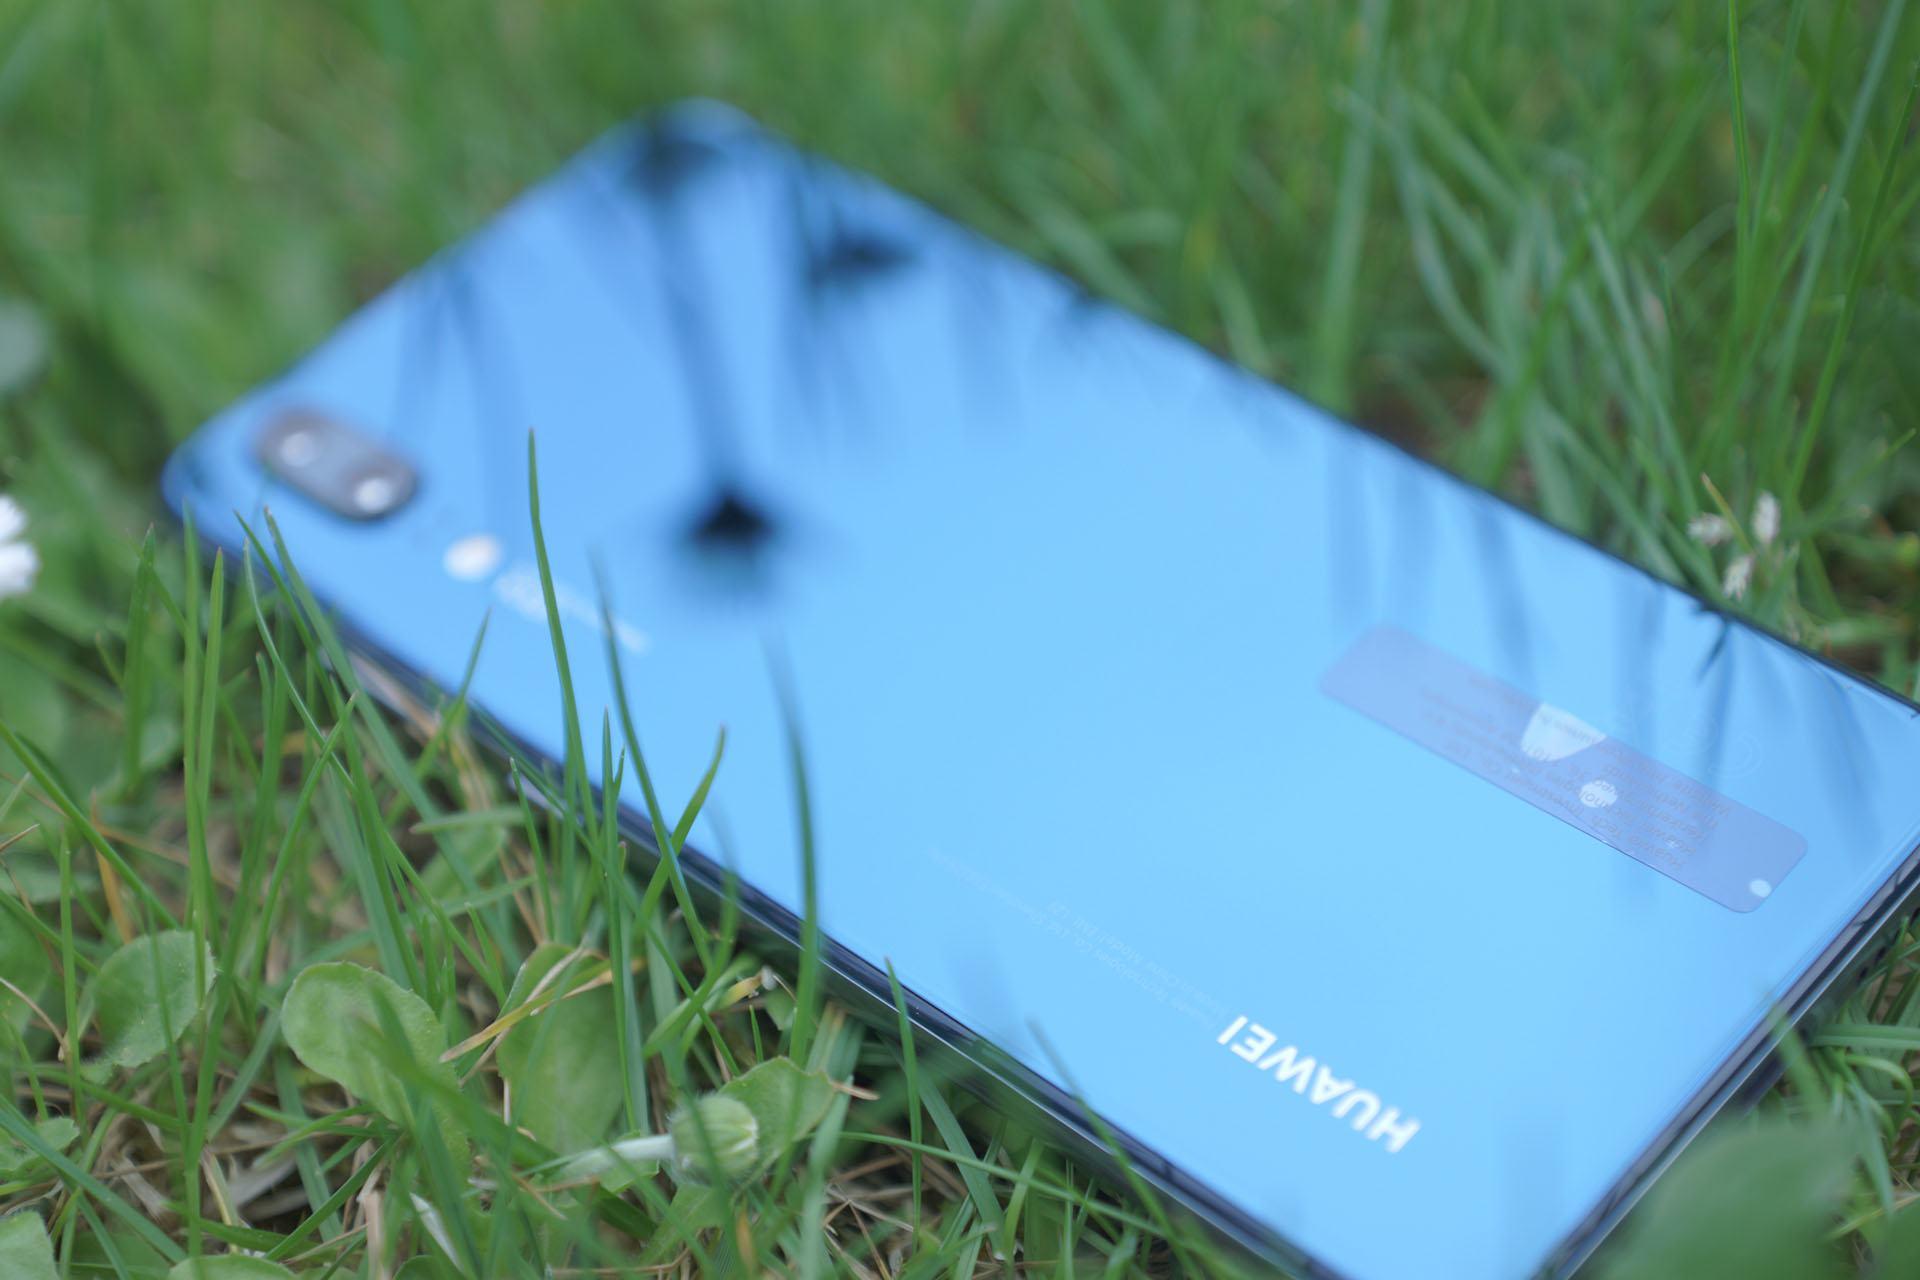 Huawei P20 zum Test eingetroffen, erste Bilder und Eindrücke 6